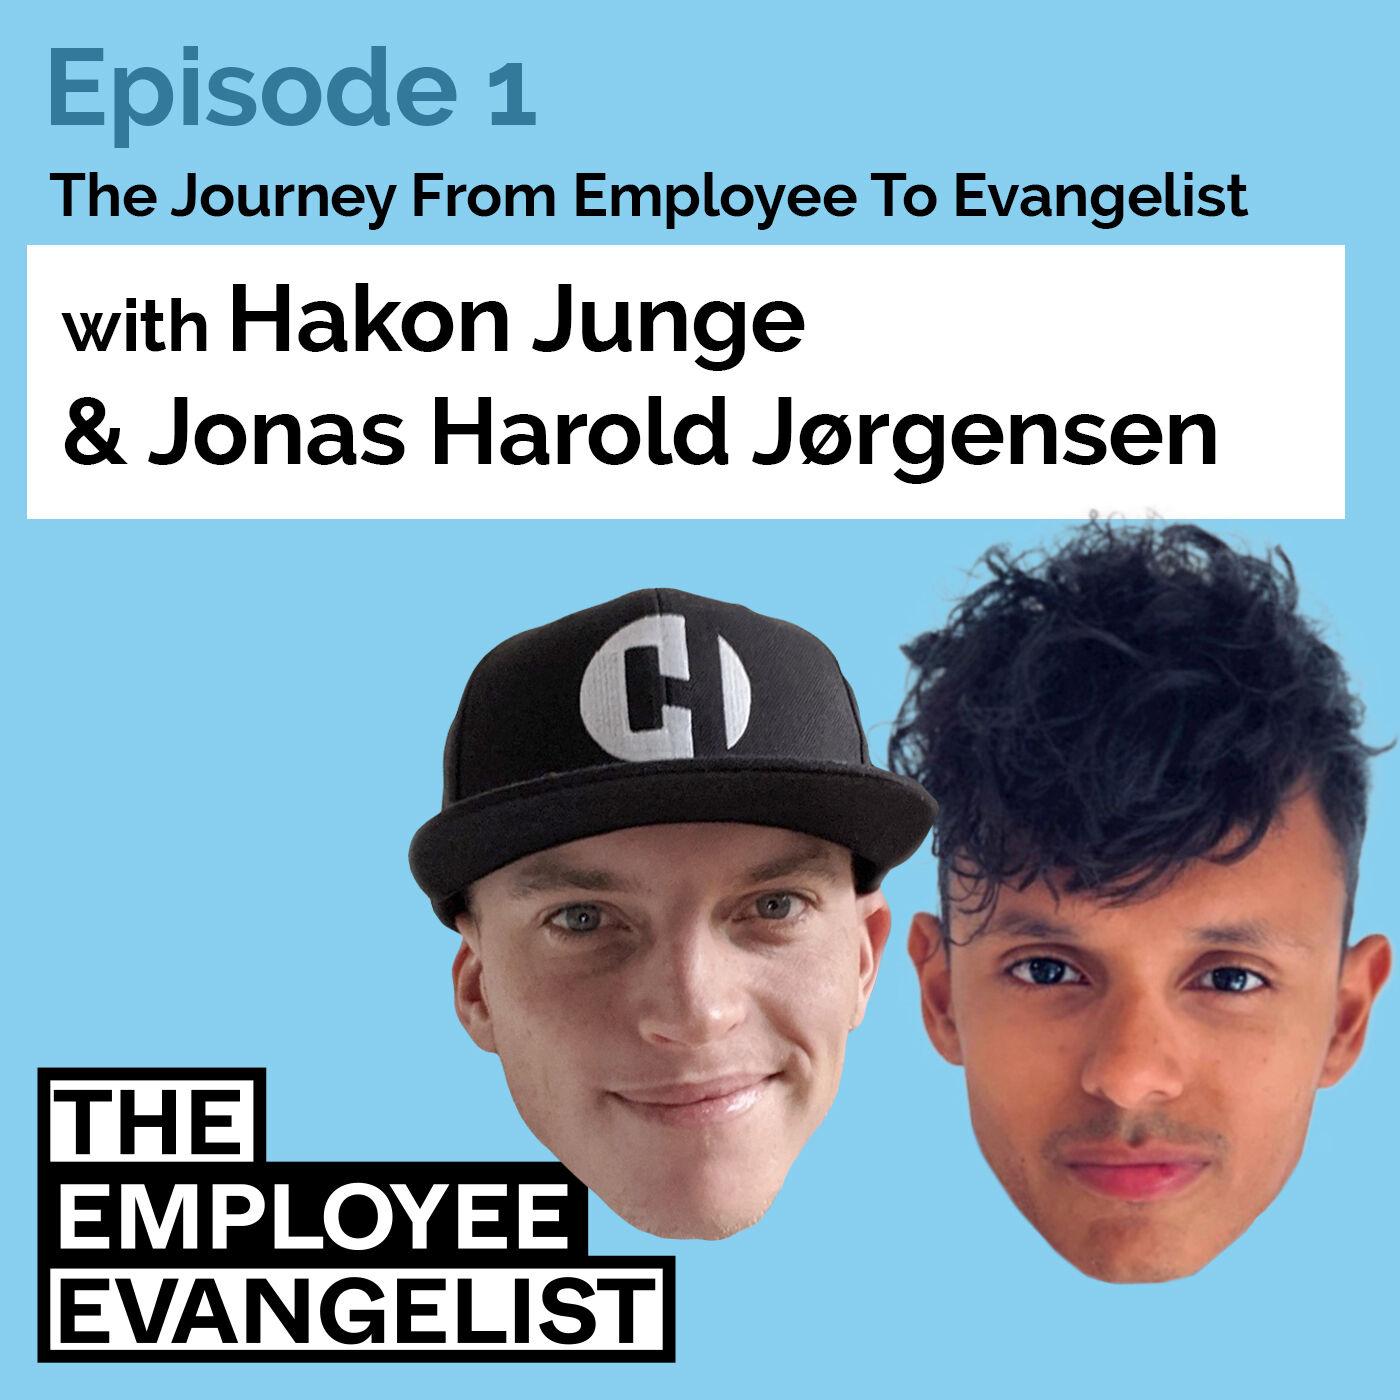 Episode 1: The Employee Evangelist with Jonas Harold Jørgensen